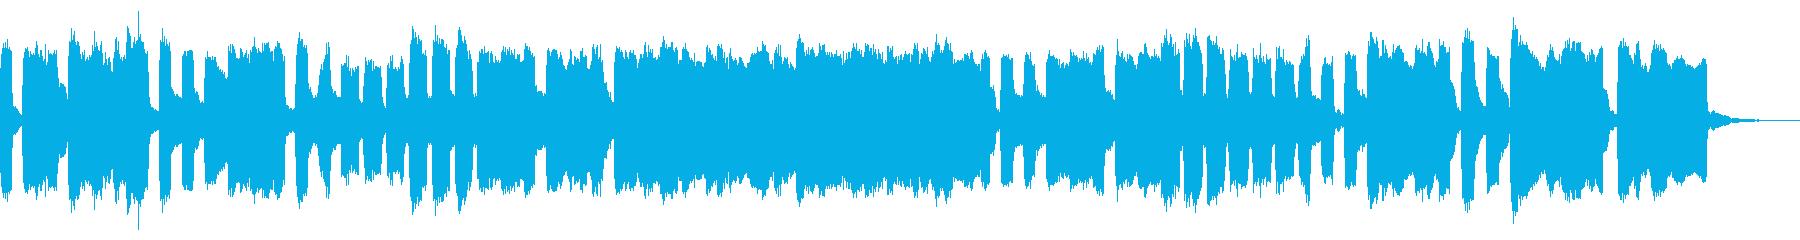 チェンバロとリコーダーのメヌエット・回文の再生済みの波形